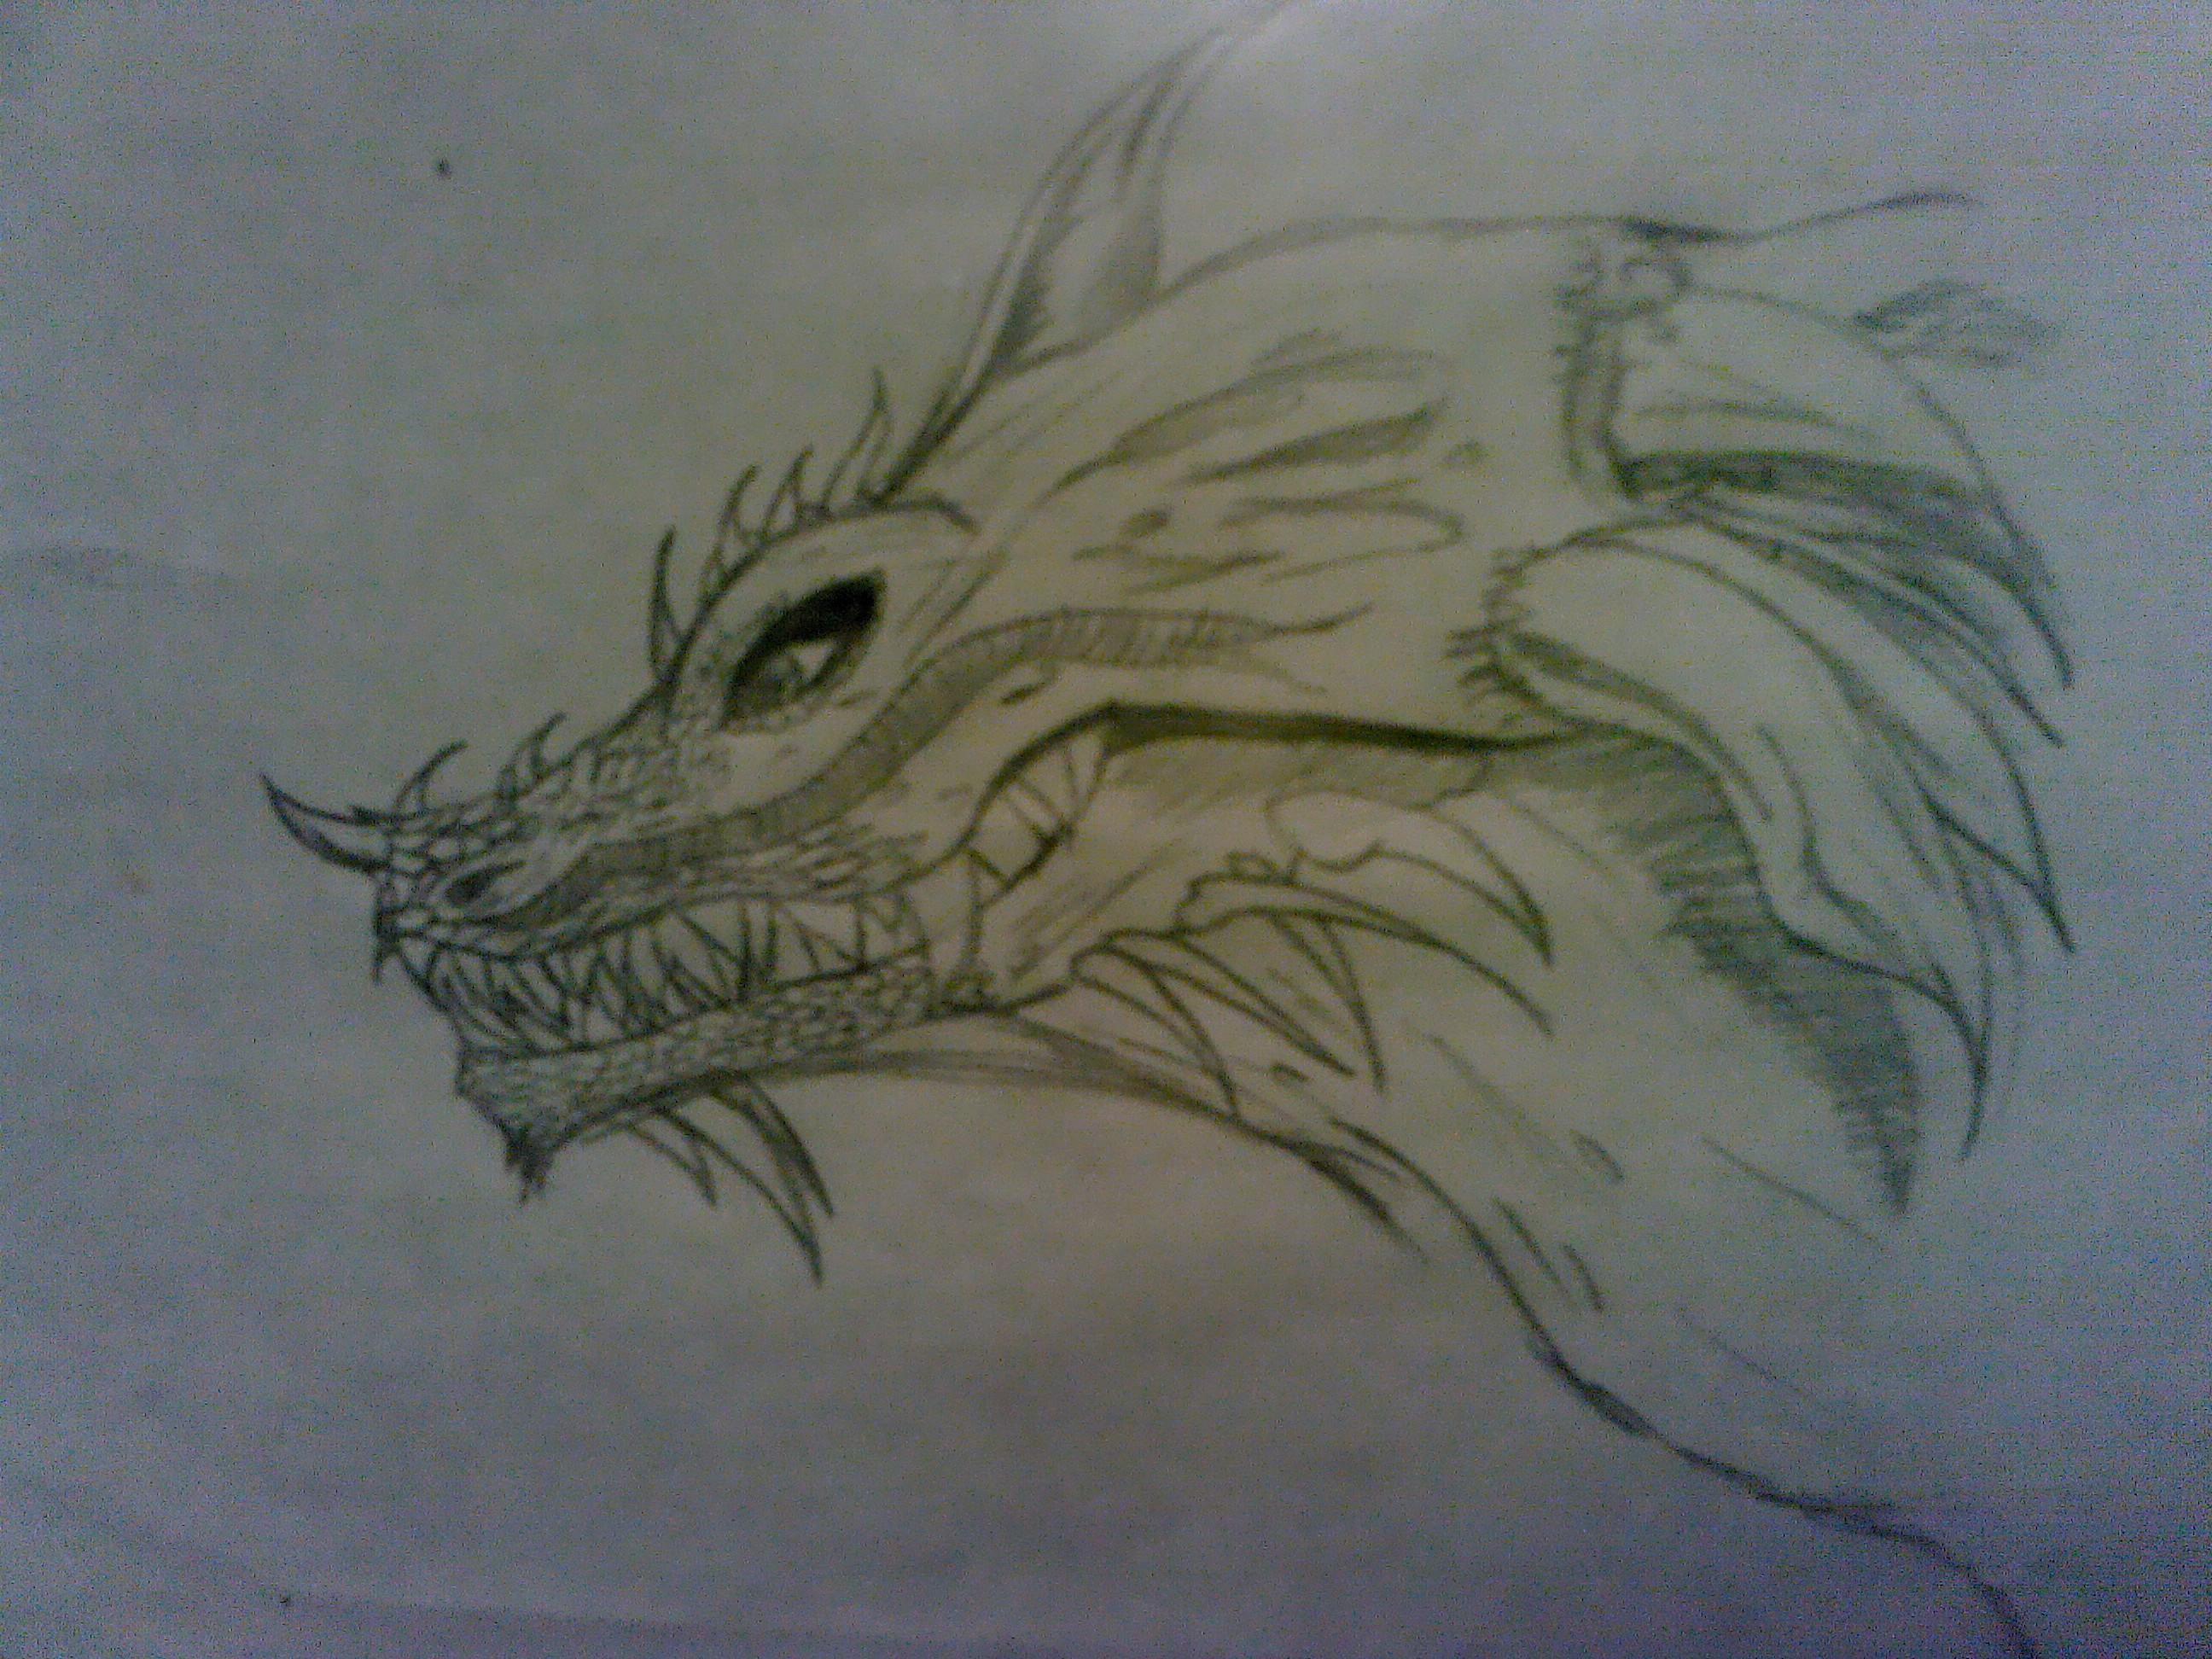 <img500*0:http://www.elfpack.com/stuff/Dragon.jpg>